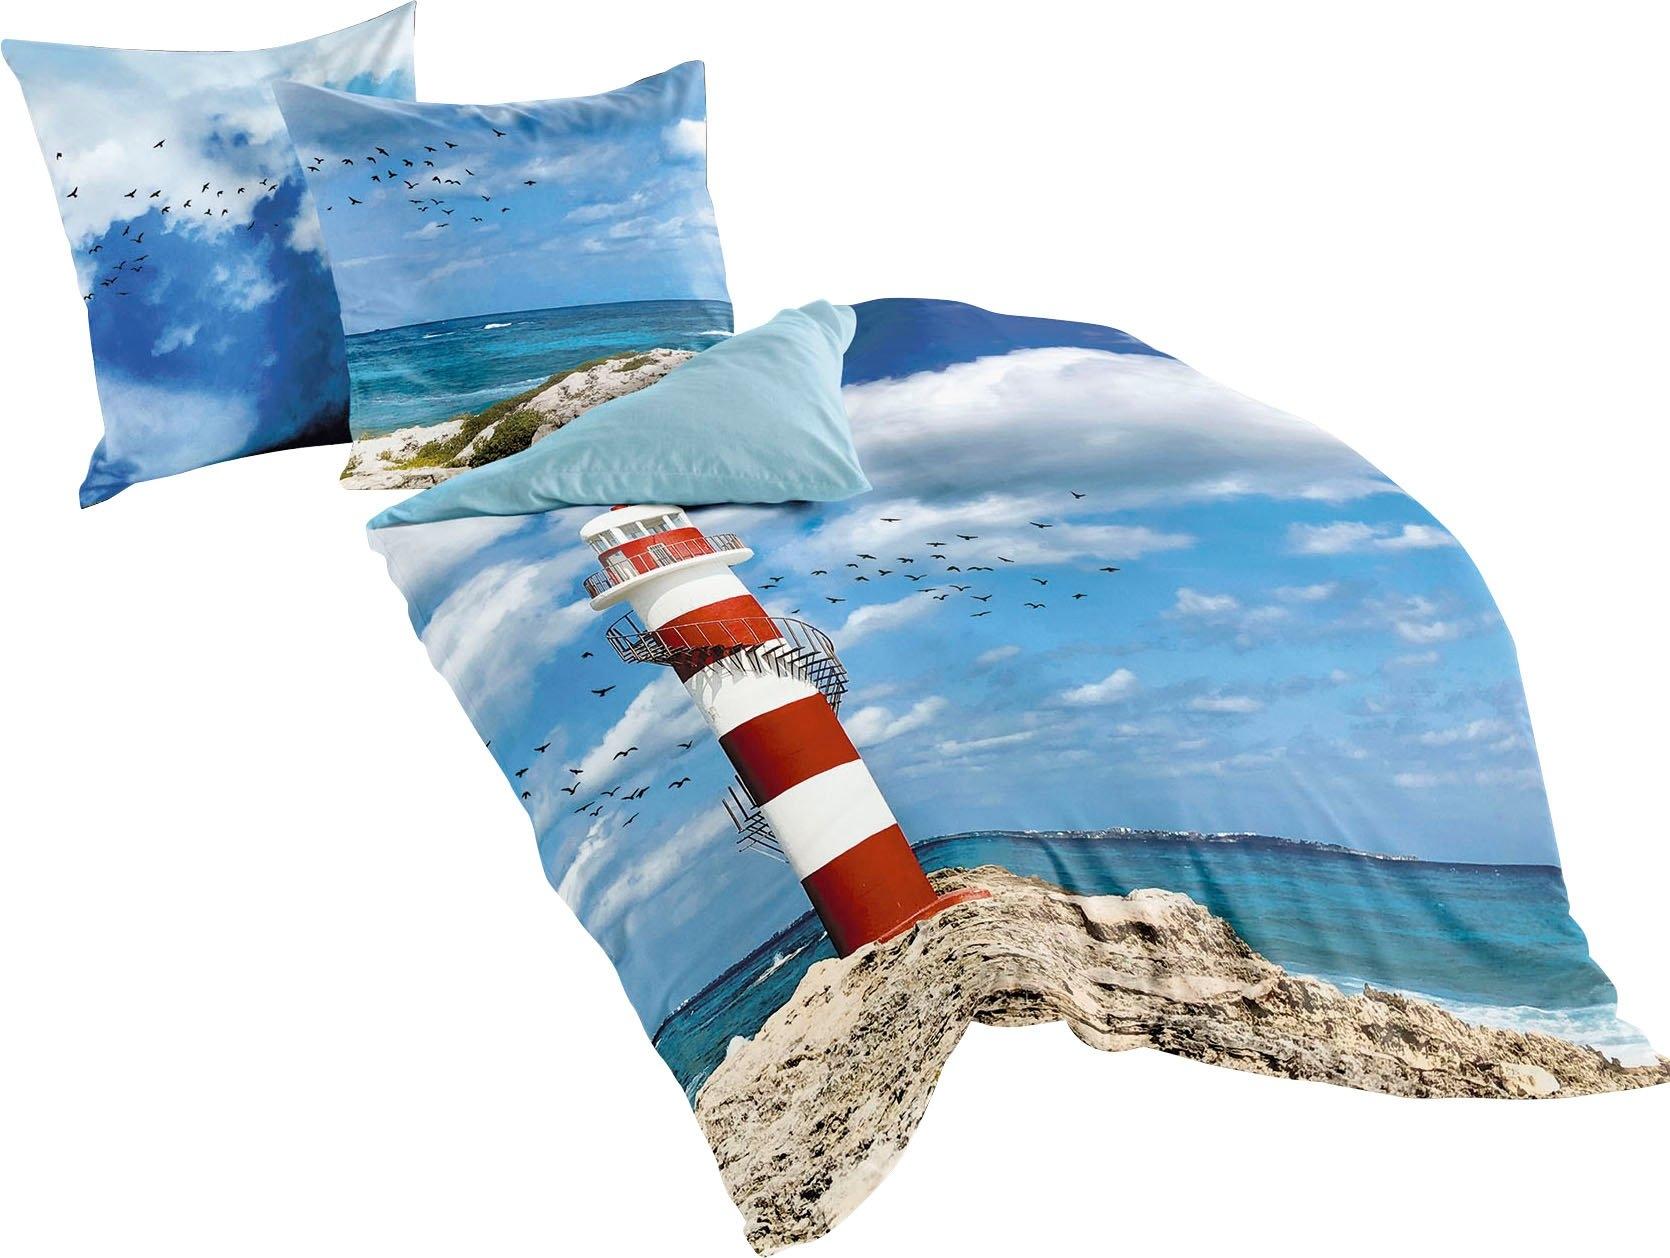 BIERBAUM tweezijdig te gebruiken overtrekset Lighthouse met vuurtoren (2-delig) in de webshop van OTTO kopen